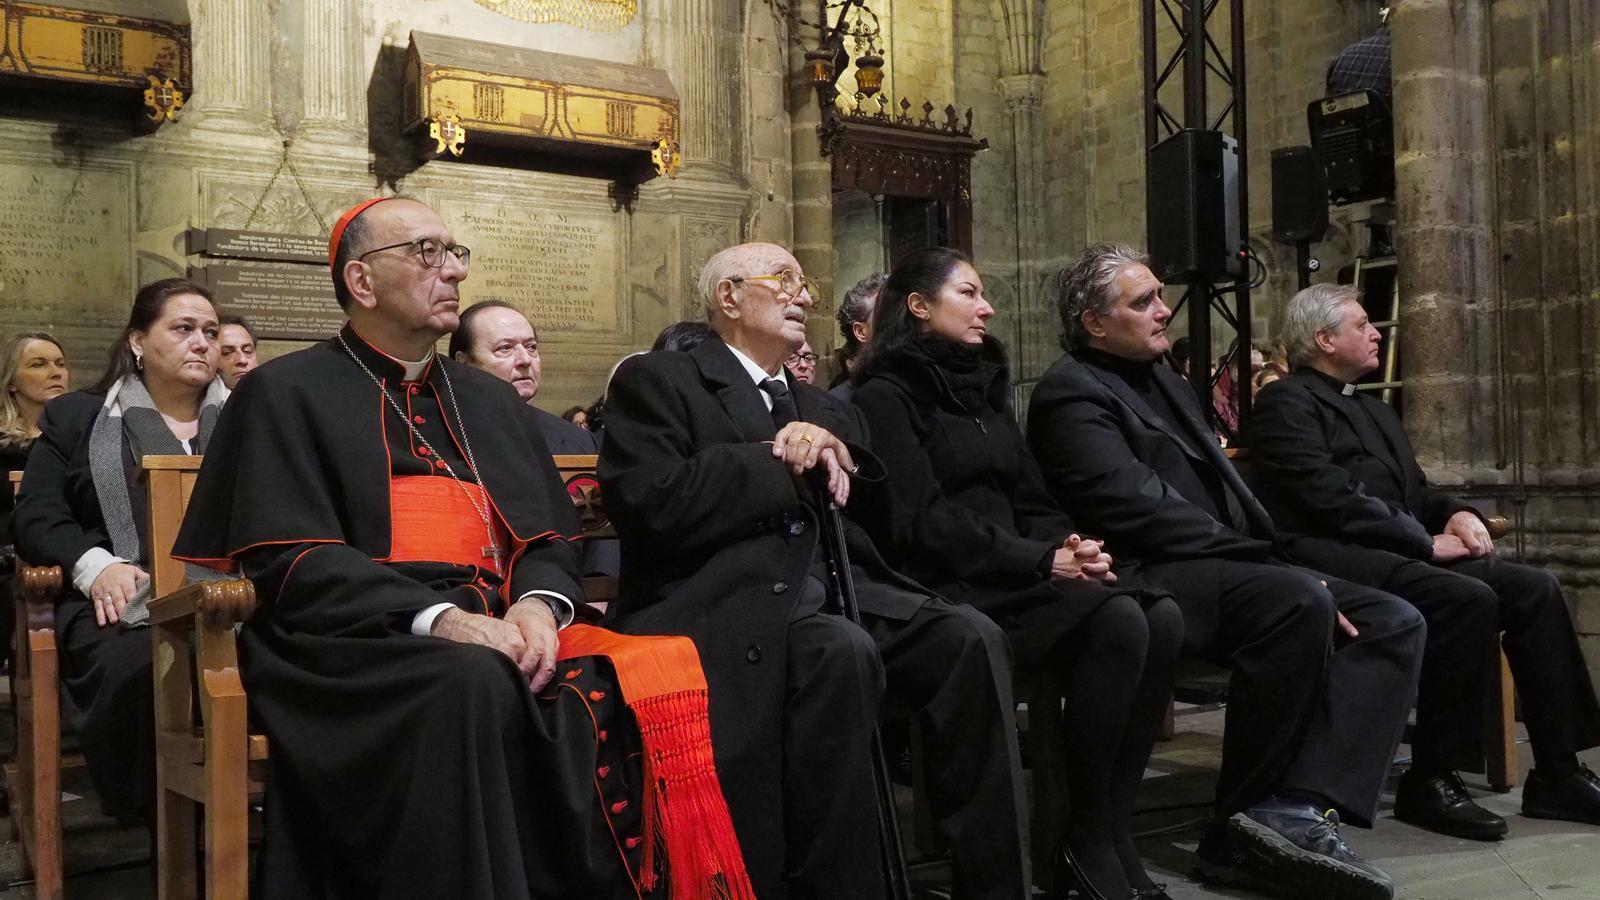 Els familiars de Montserrat Caballé a la cerimònia de comiat a la catedral de Barcelona